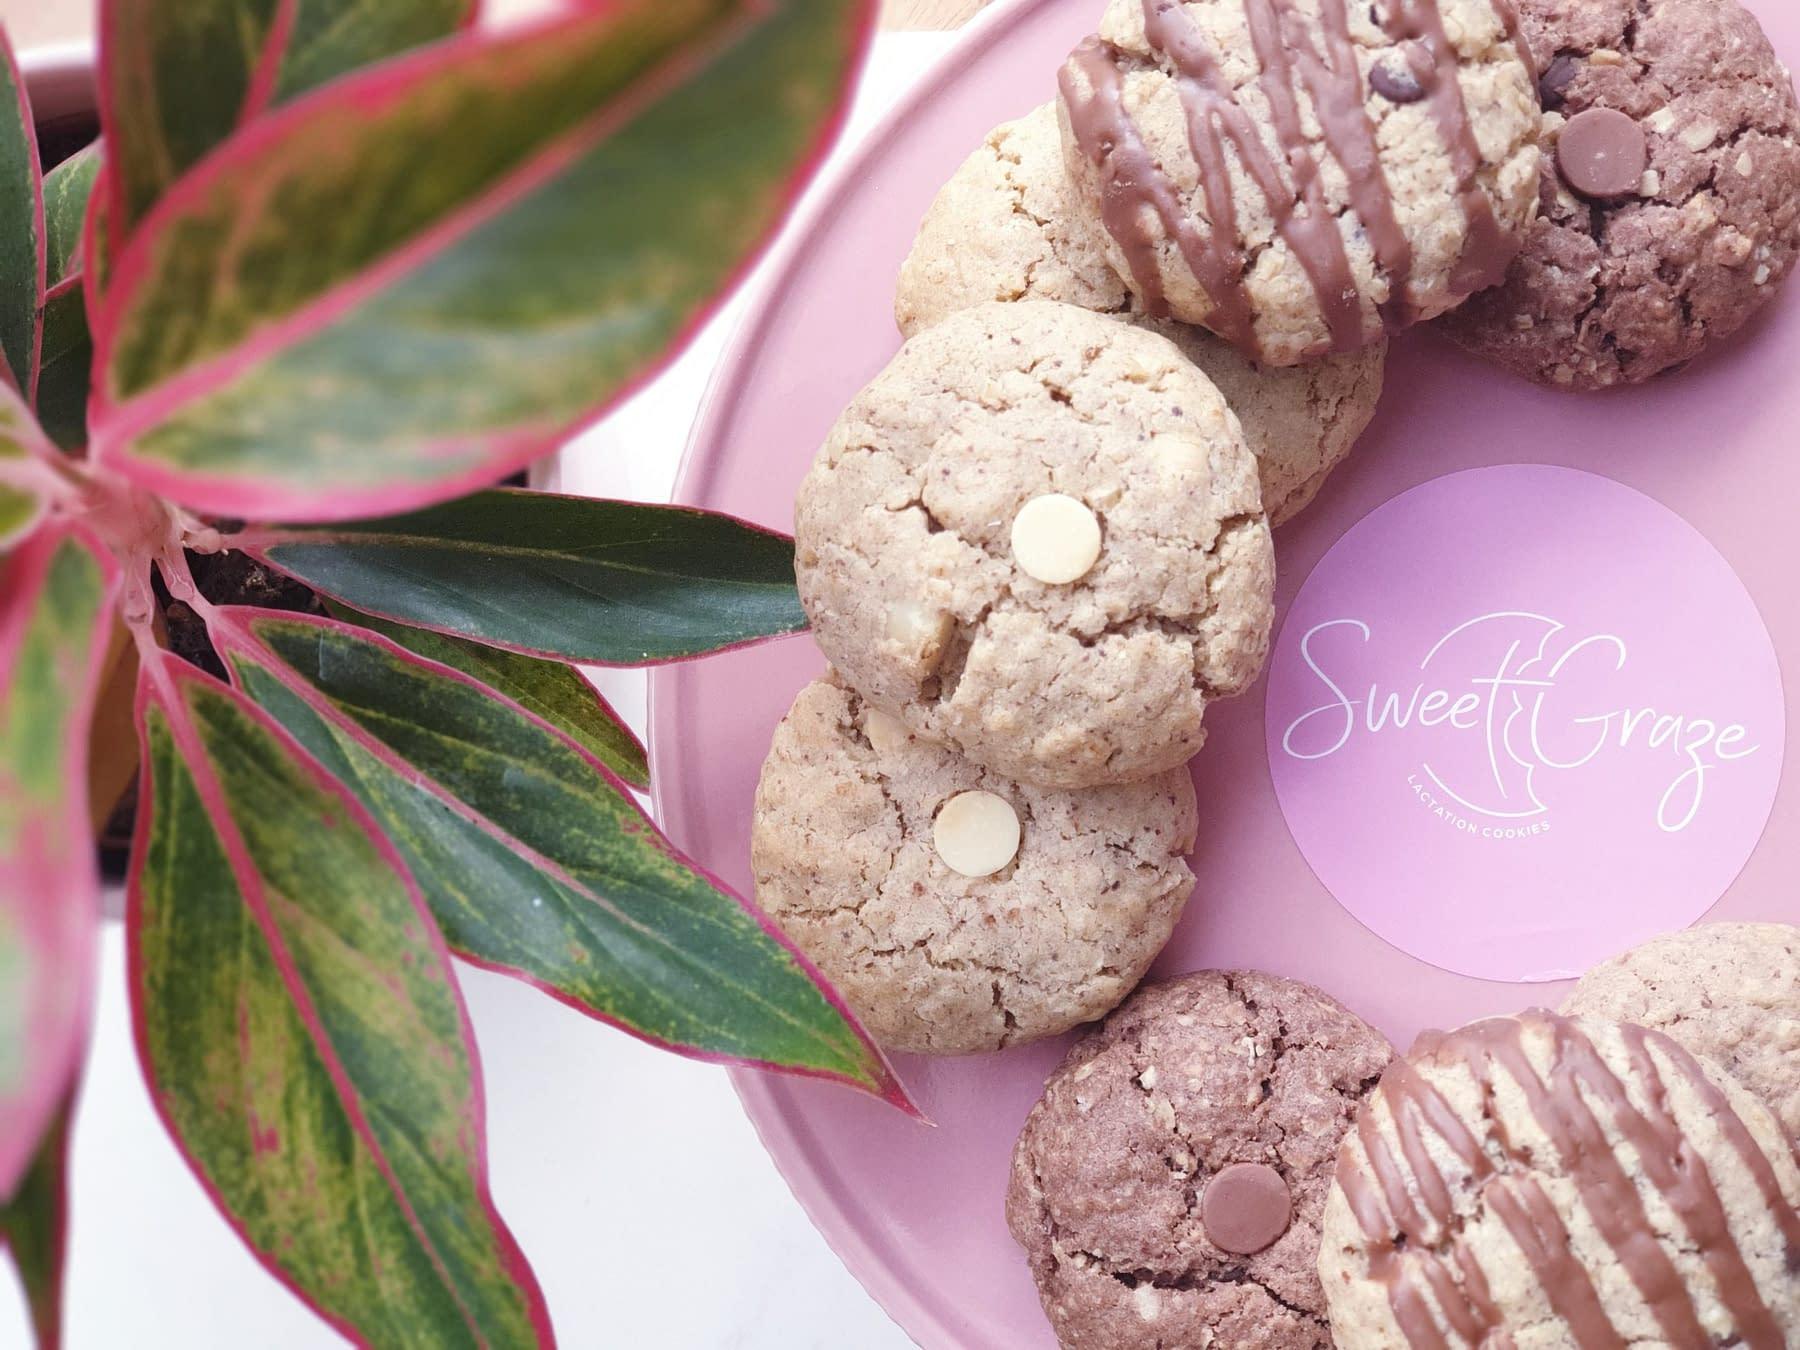 best health lactation cookies melbourne australia